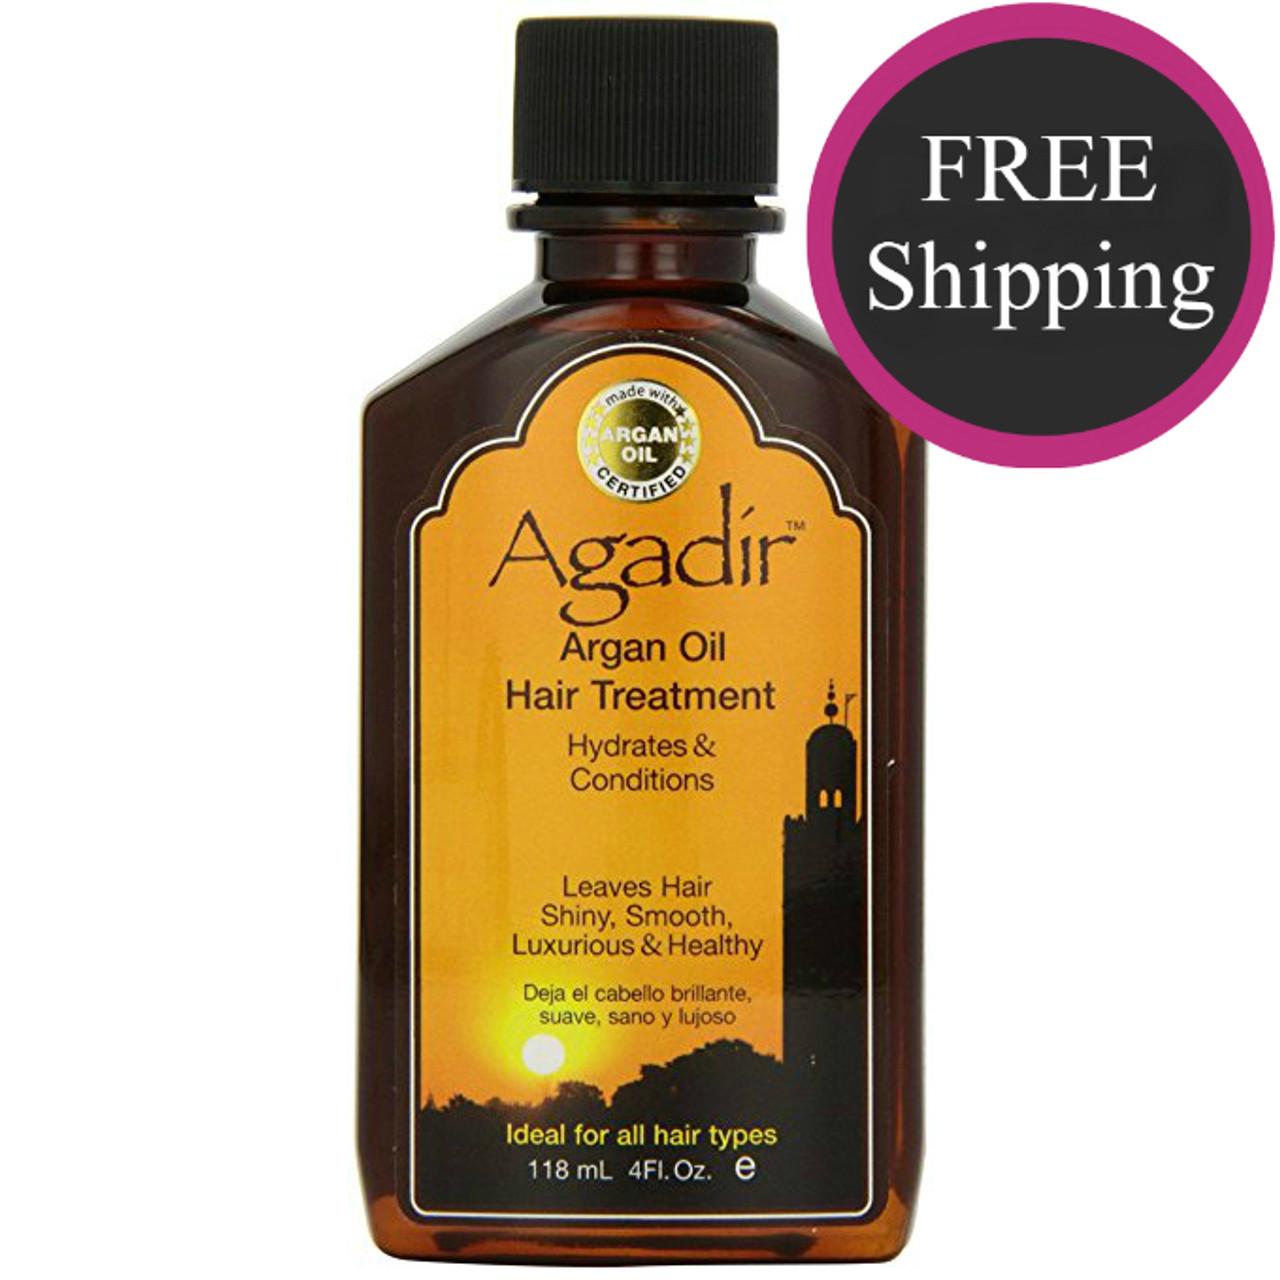 Agadir Argan Oil 4 oz: Free shipping!